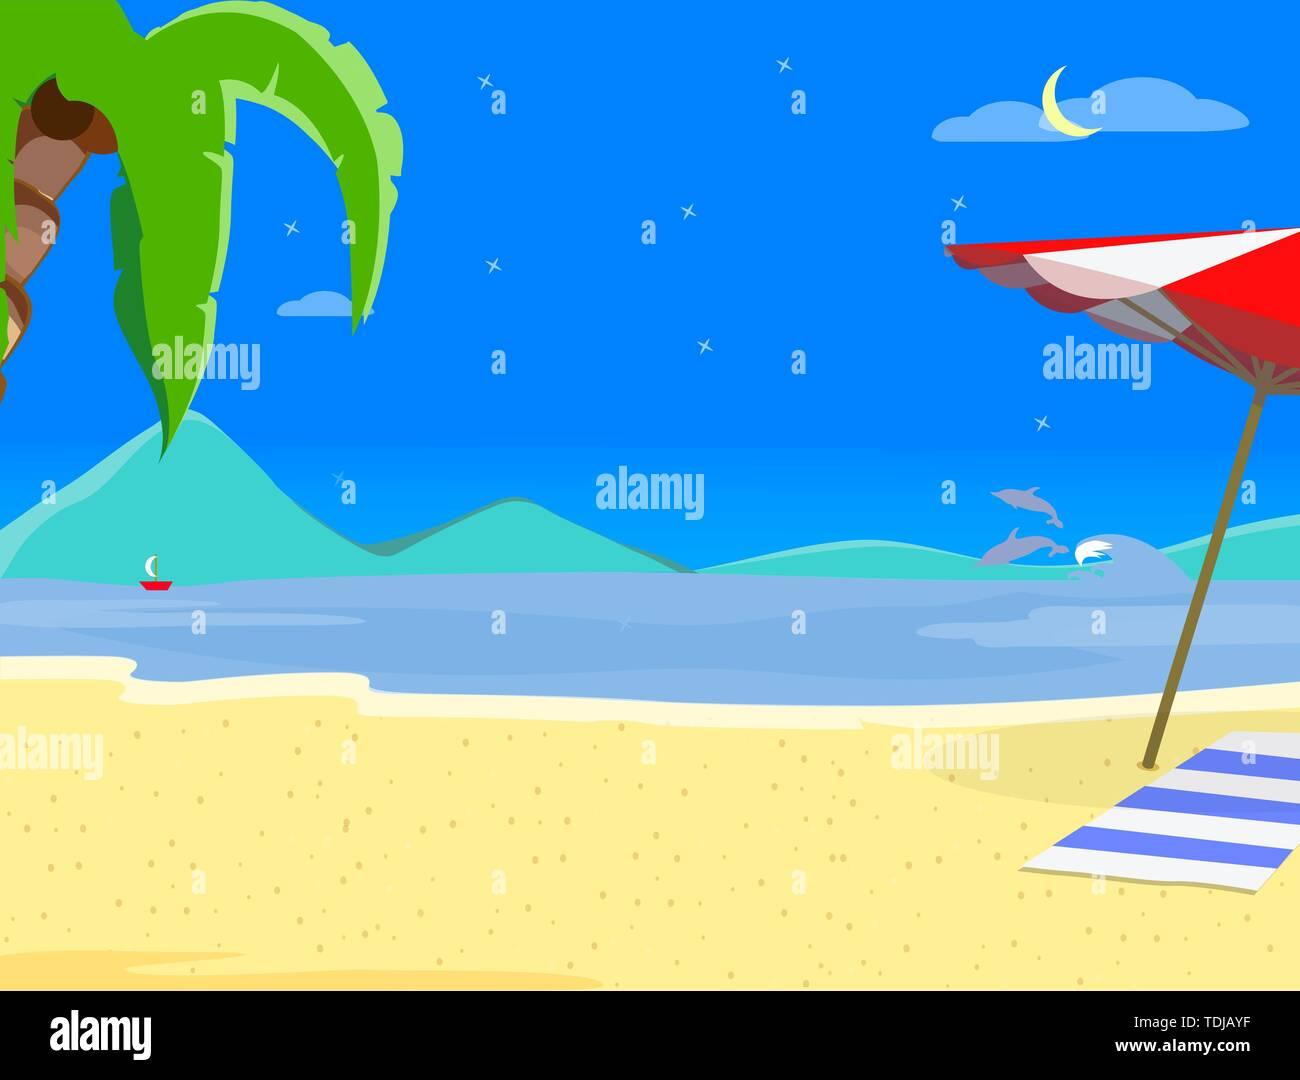 Sommer Strand Hintergrund zu erhalten, auf Nacht, Zeit der exotischen Landschaft Meer nachts Resort Küste Meereslandschaft mit Palme, Delphine, Segelschiff und Sandy S Stockbild